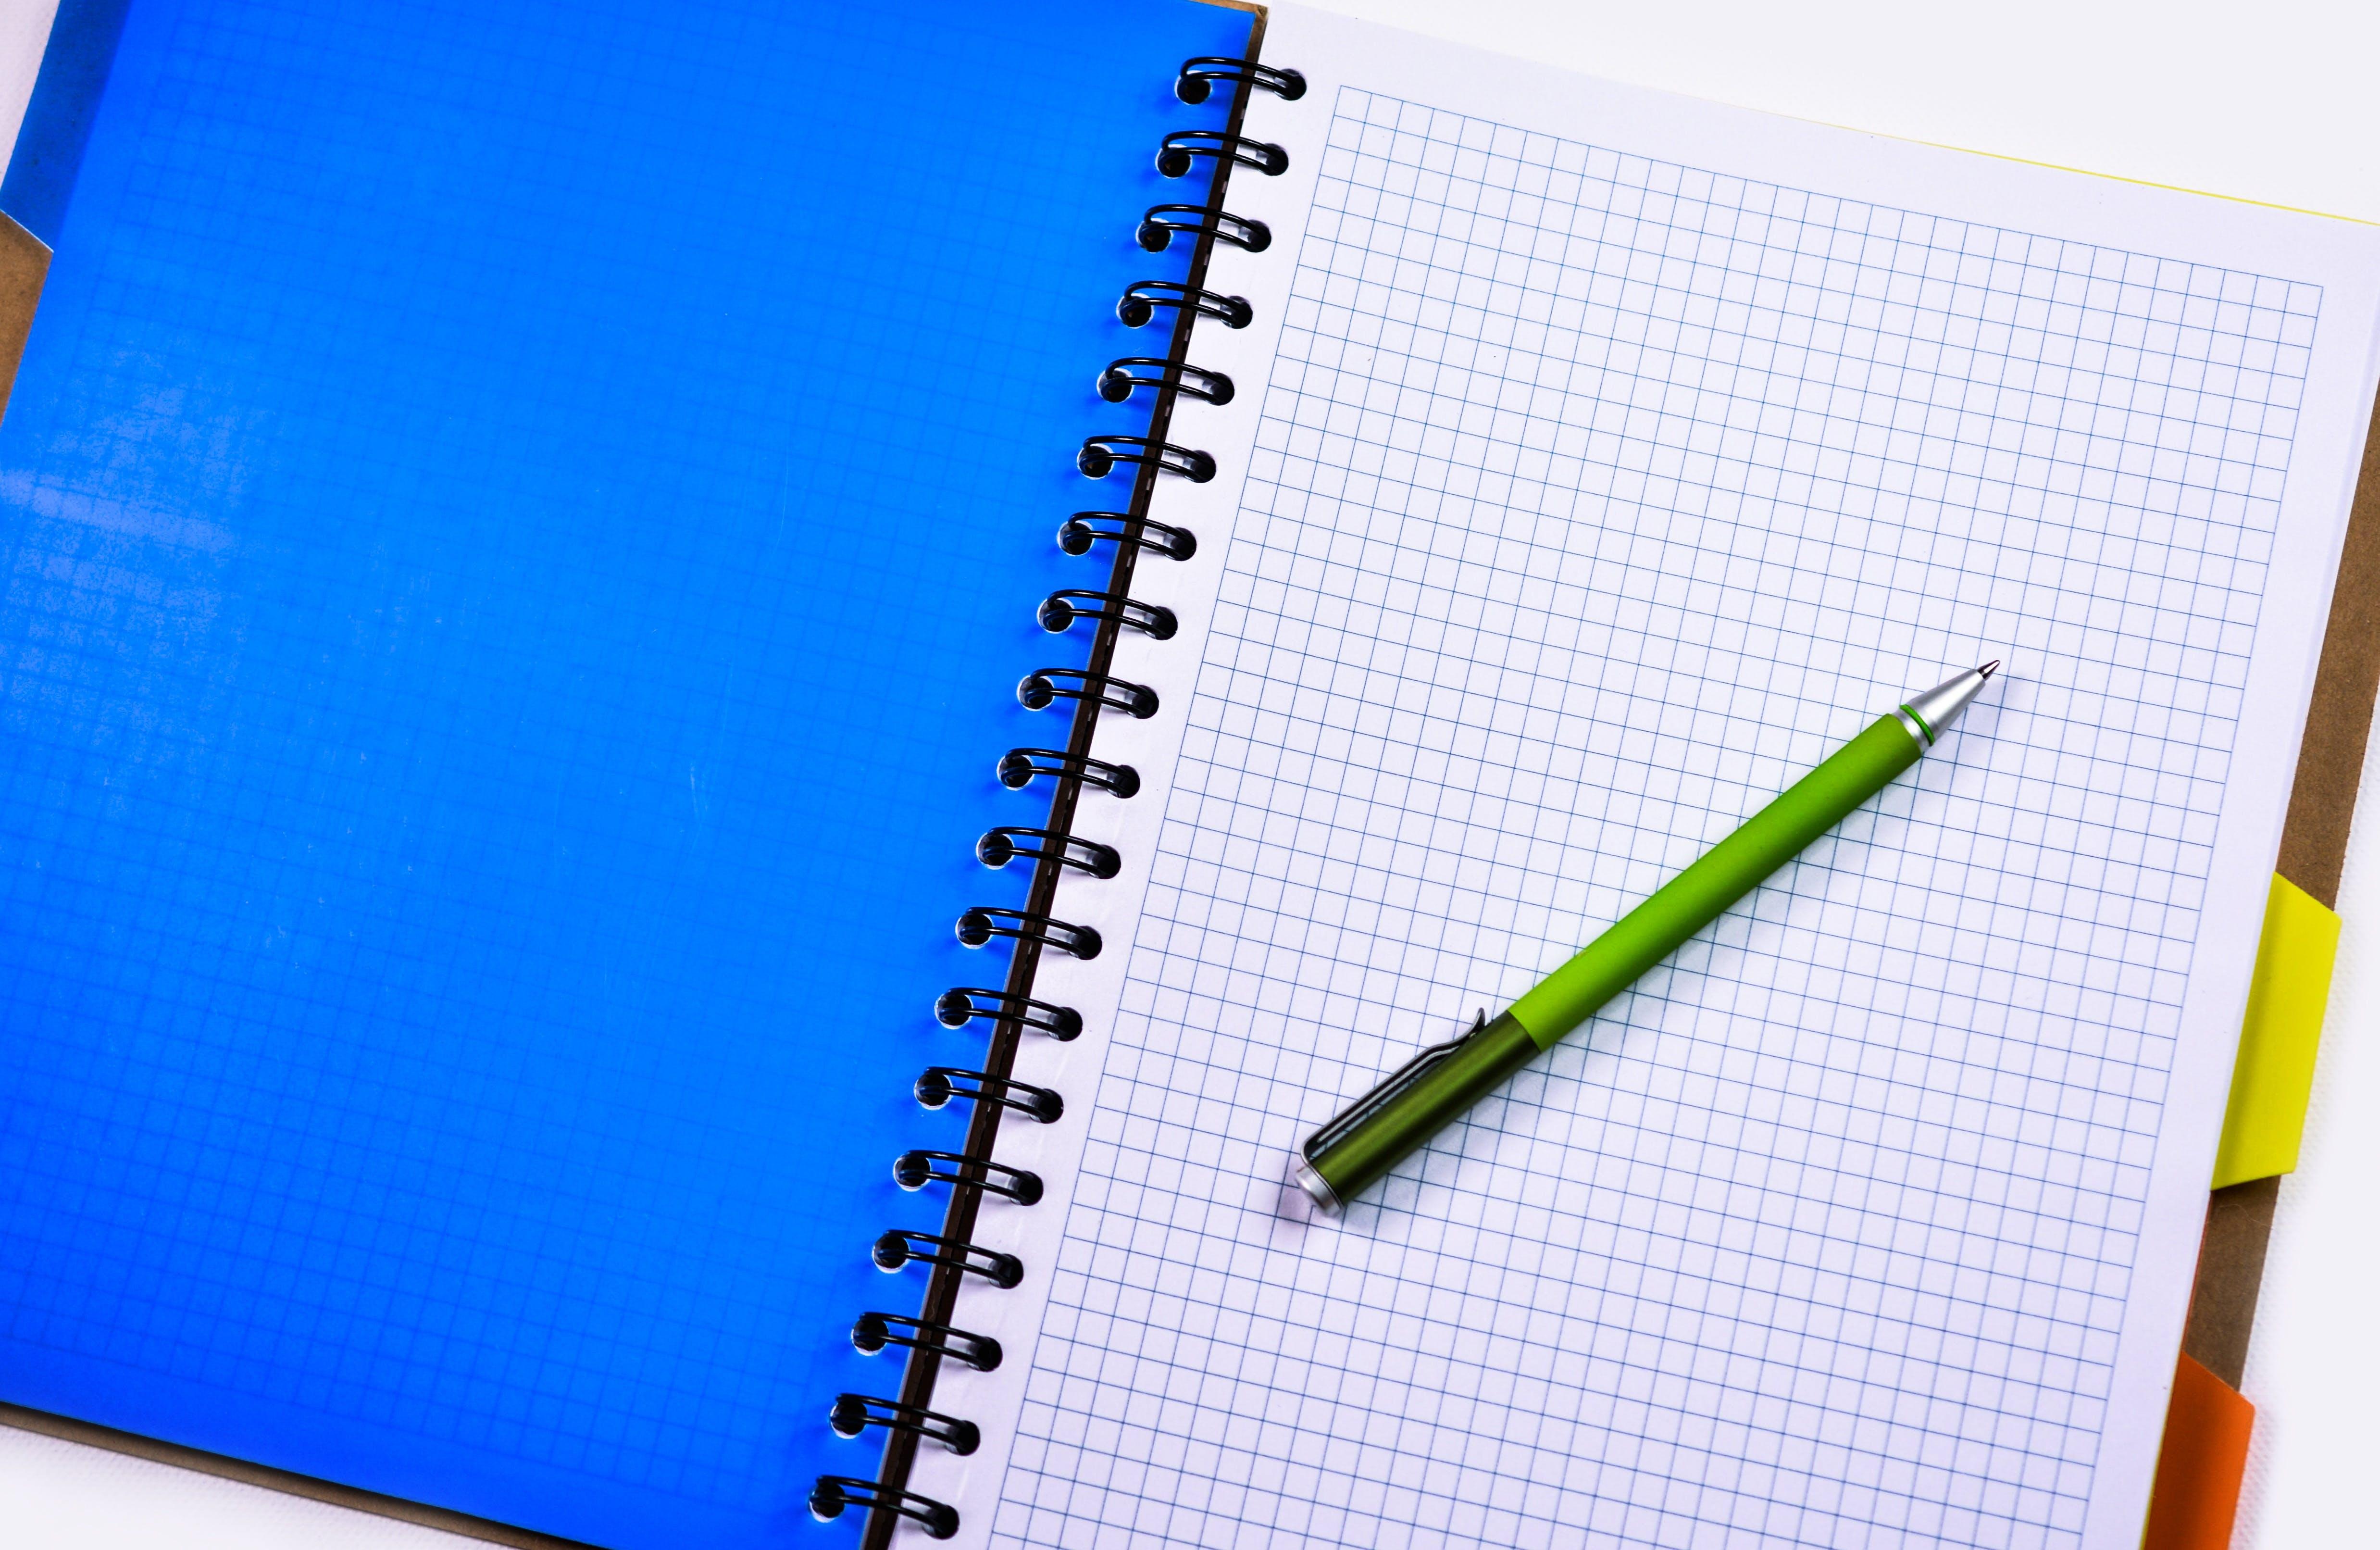 Gratis stockfoto met balpen, bloc note, grafiekpapier